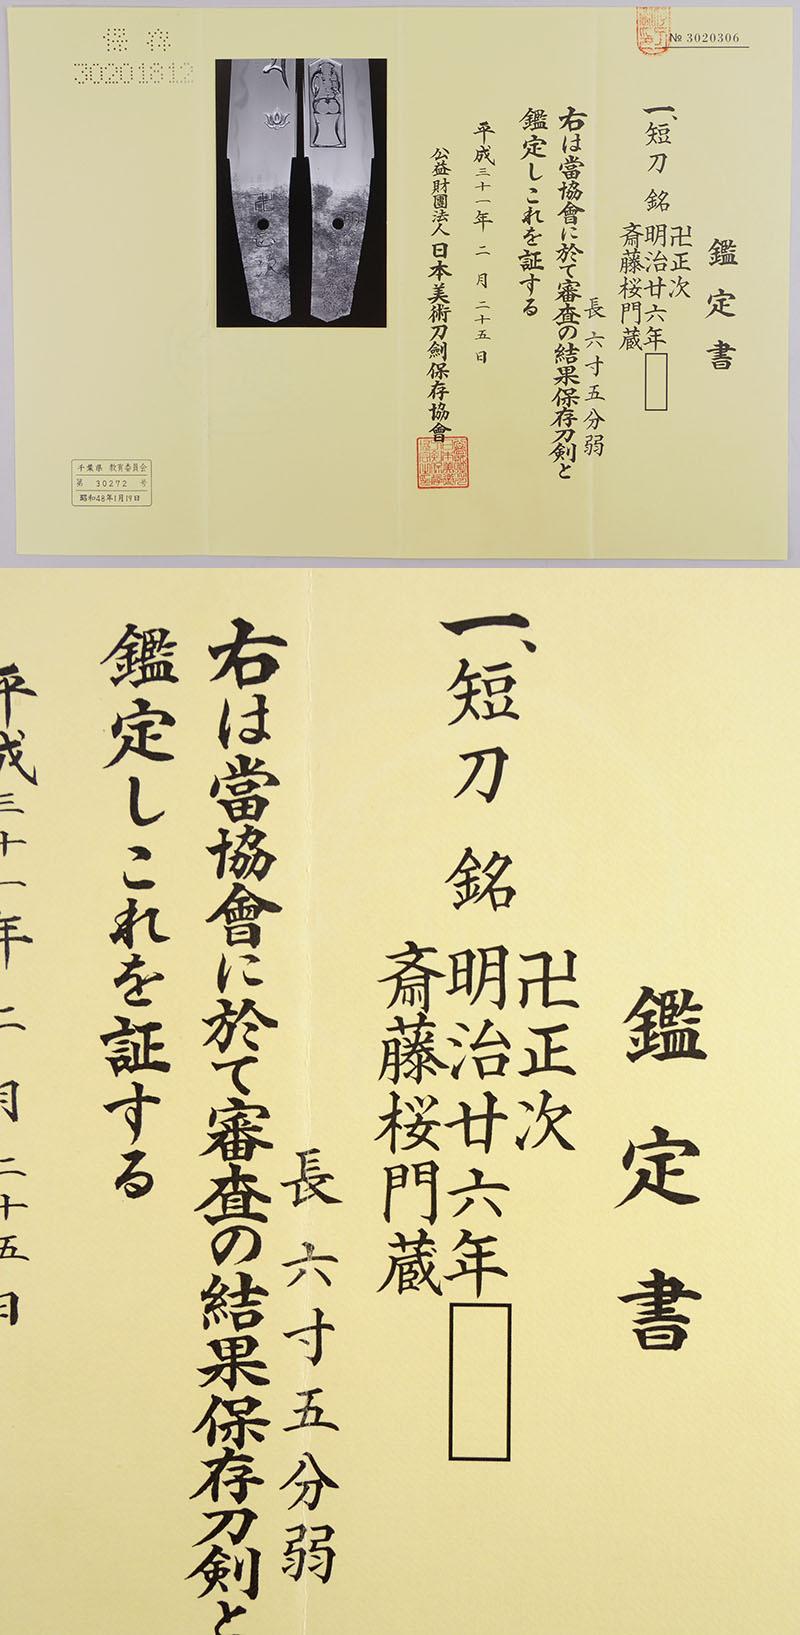 卍正次(桜井正次) Picture of Certificate